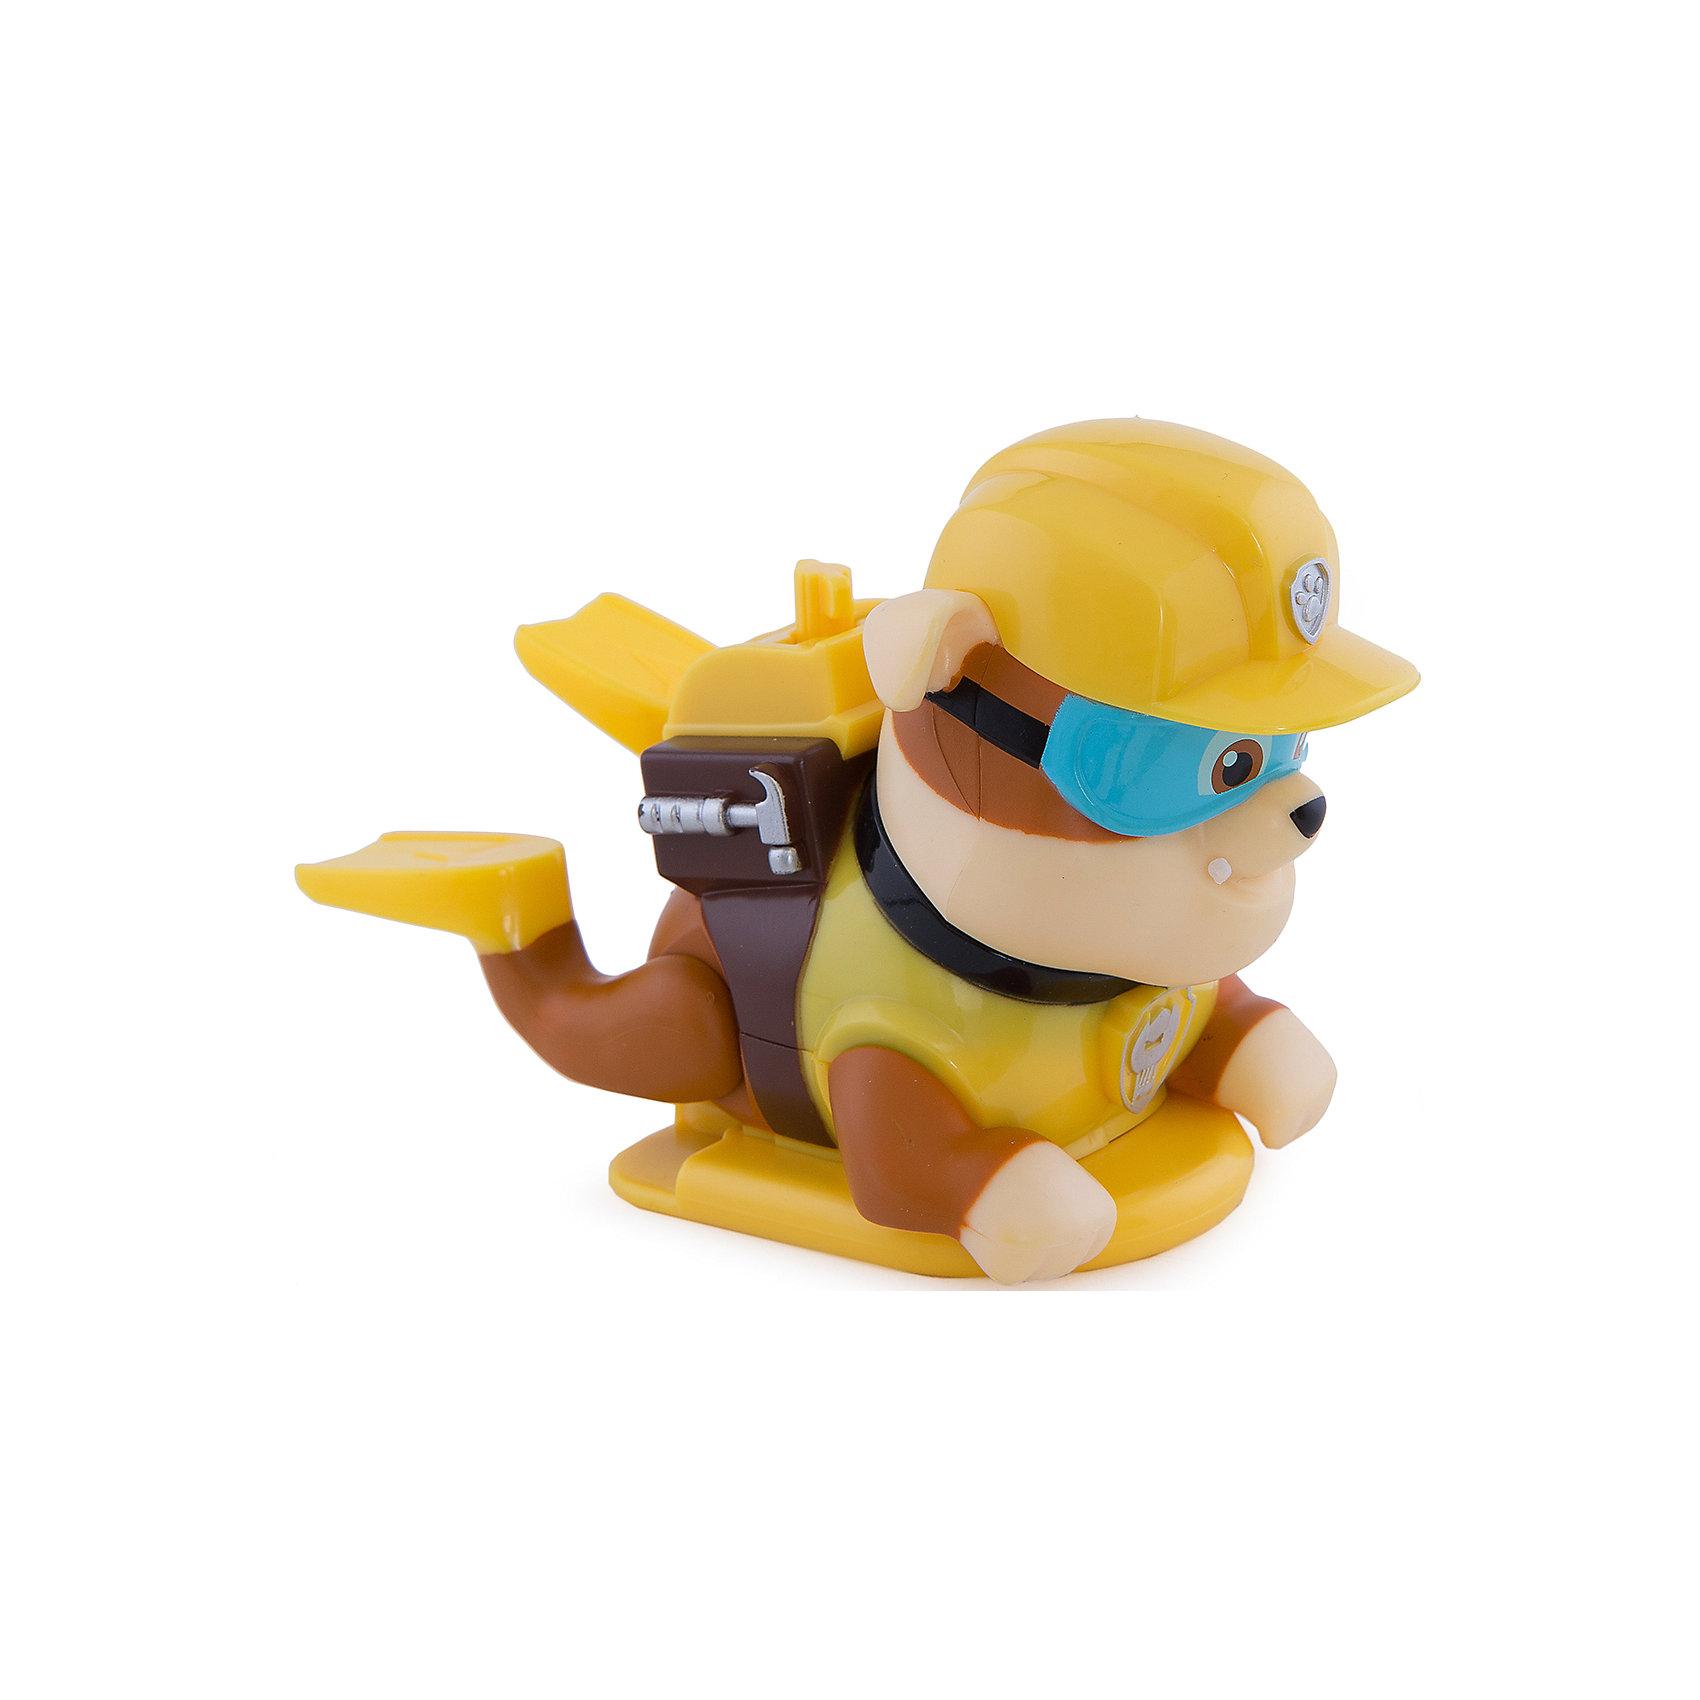 Игрушка для ванной заводная Крепыш, Щенячий патруль, Spin MasterМалыши обожают купаться и играть в ванной. С забавными щенками-спасателями игры будут еще увлекательнее и веселее! Поверни рычаг, заведи механизм и наблюдай, как щенки-спасатели учатся плавать! Фигурки щенков выполнены из высококачественного нетоксичного пластика, прекрасно детализированы и реалистично раскрашены, очень похожи на героев мультсериала Paw Patrol .  Дополнительная информация:  - Материал: пластик. - Размер: 10-15 см. - Подвижные конечности. - Заводные игрушки. Игрушку для ванной заводную, Щенячий патруль, Spin Master (Спин Мастер) можно купить в нашем магазине.<br><br>Ширина мм: 80<br>Глубина мм: 130<br>Высота мм: 60<br>Вес г: 183<br>Возраст от месяцев: 36<br>Возраст до месяцев: 84<br>Пол: Мужской<br>Возраст: Детский<br>SKU: 4836013